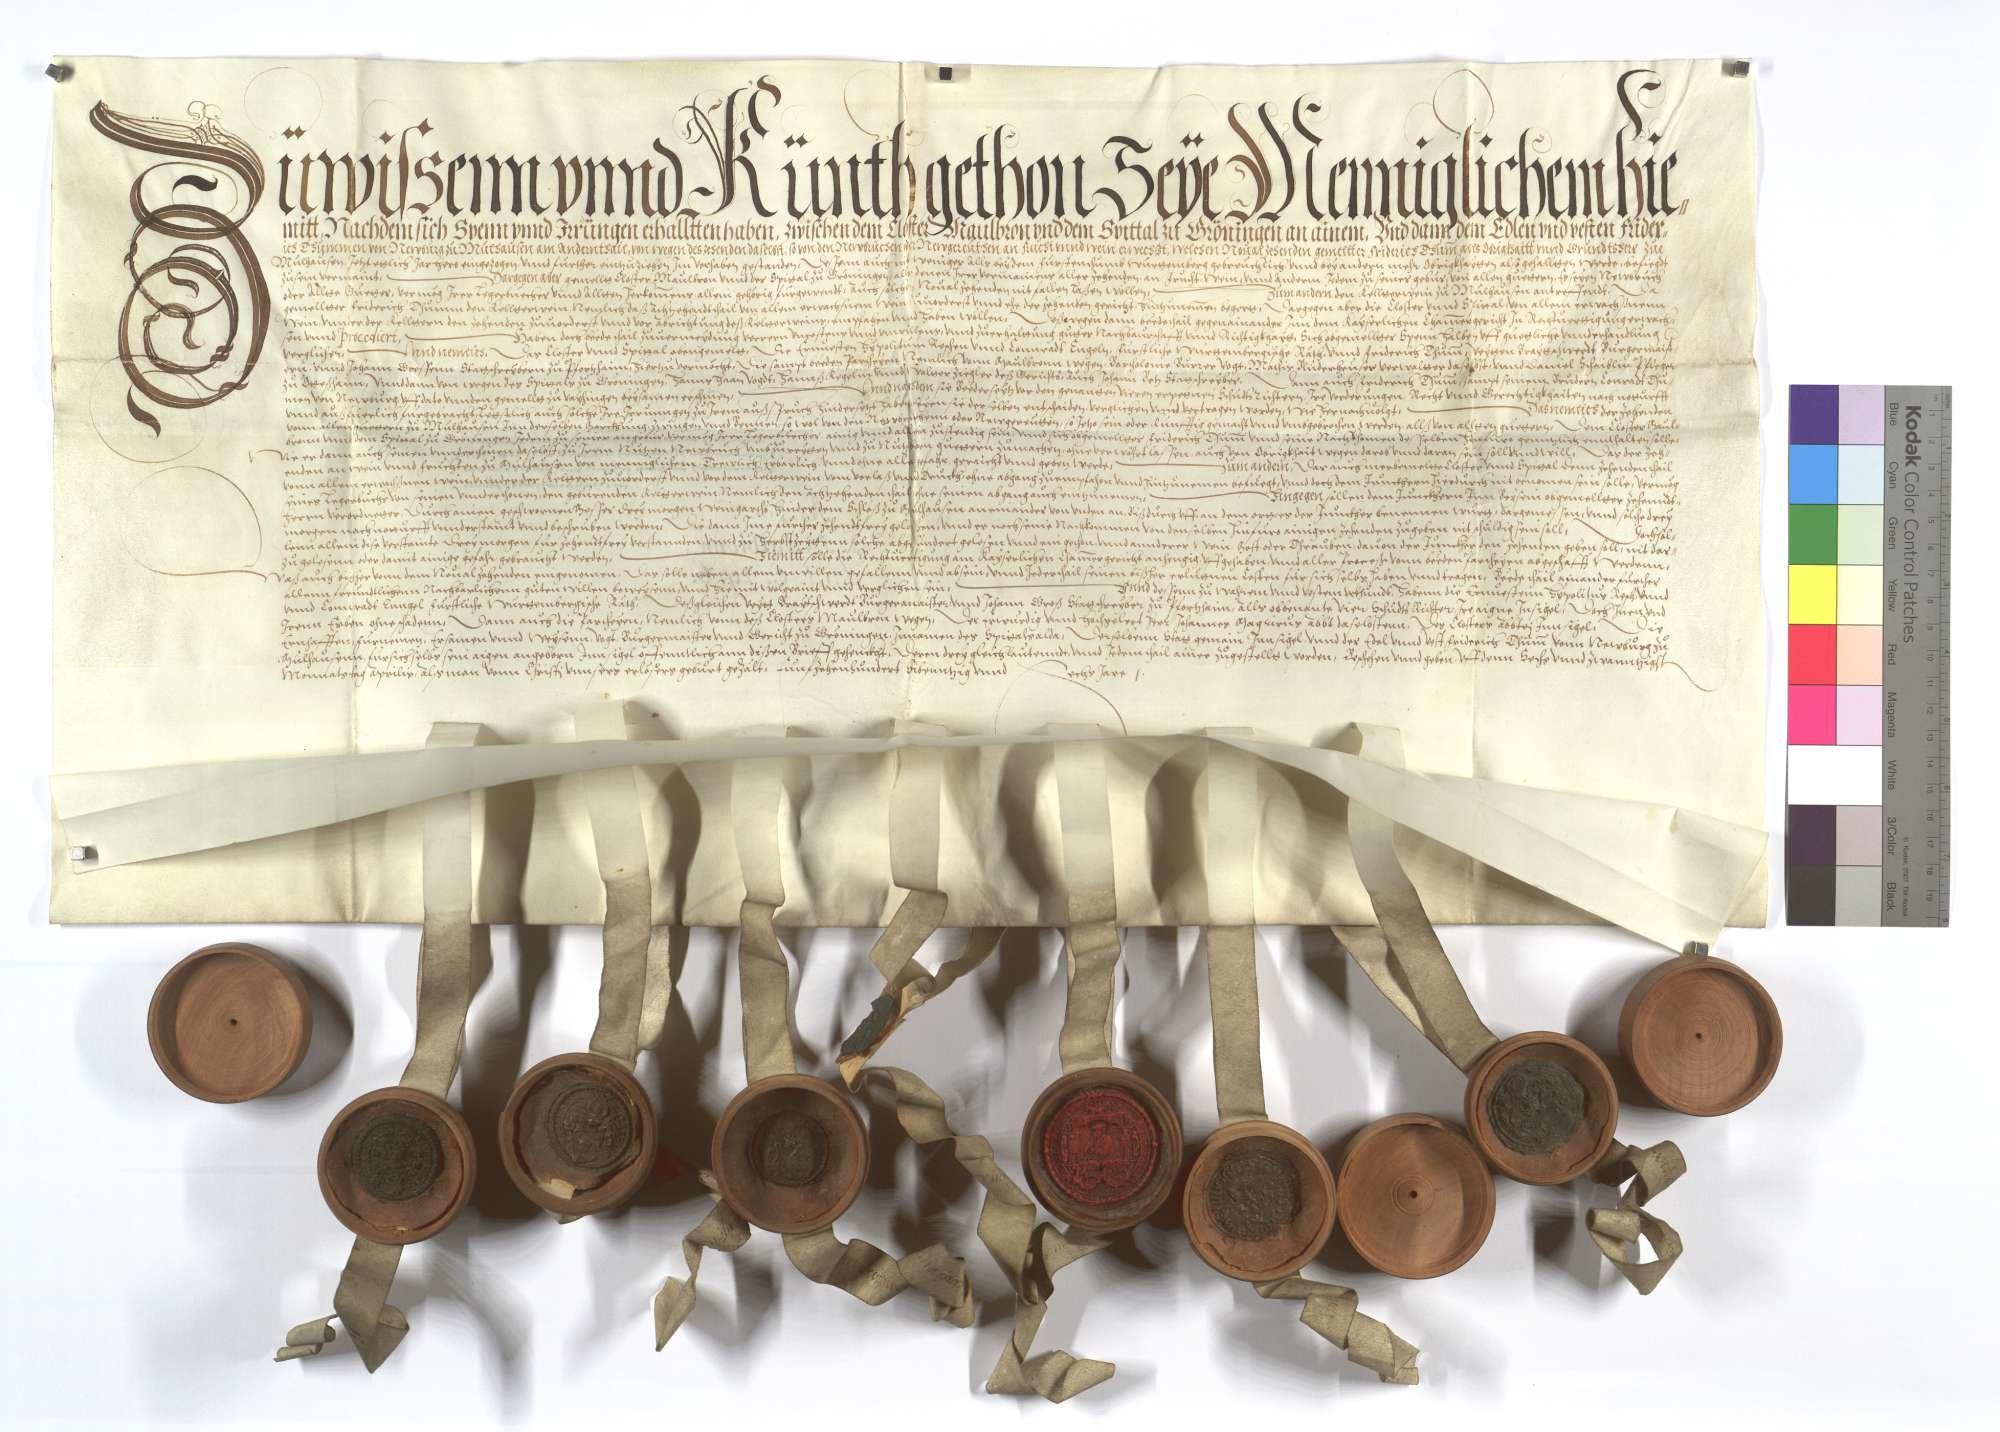 Vertrag zwischen dem Kloster Maulbronn und dem Spital in Markgröningen (Groningen) einer- und Friedrich Thumb von Neuburg andernteils wegen des Neugereuts sowie Zehnten und Kirchenweins in Mühlhausen (Mülhausen)., Text